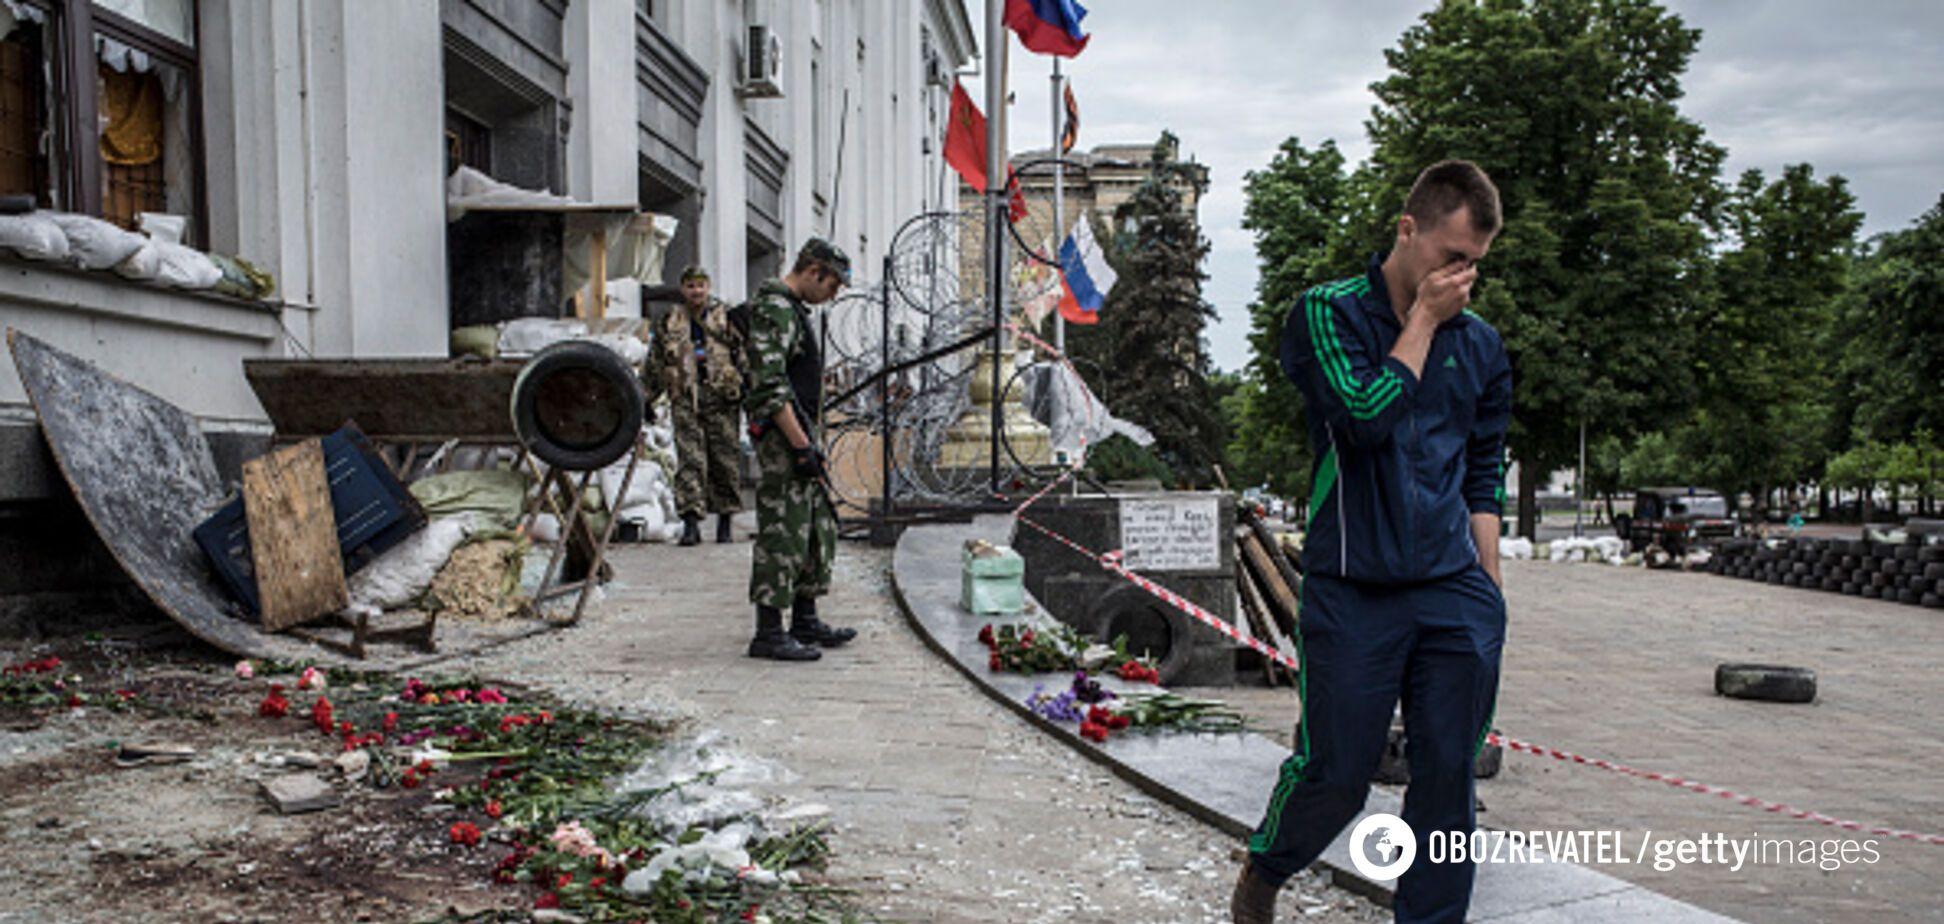 'Россия потеряла контроль над наемниками!' Зеленский выступил с резким заявлением по Донбассу